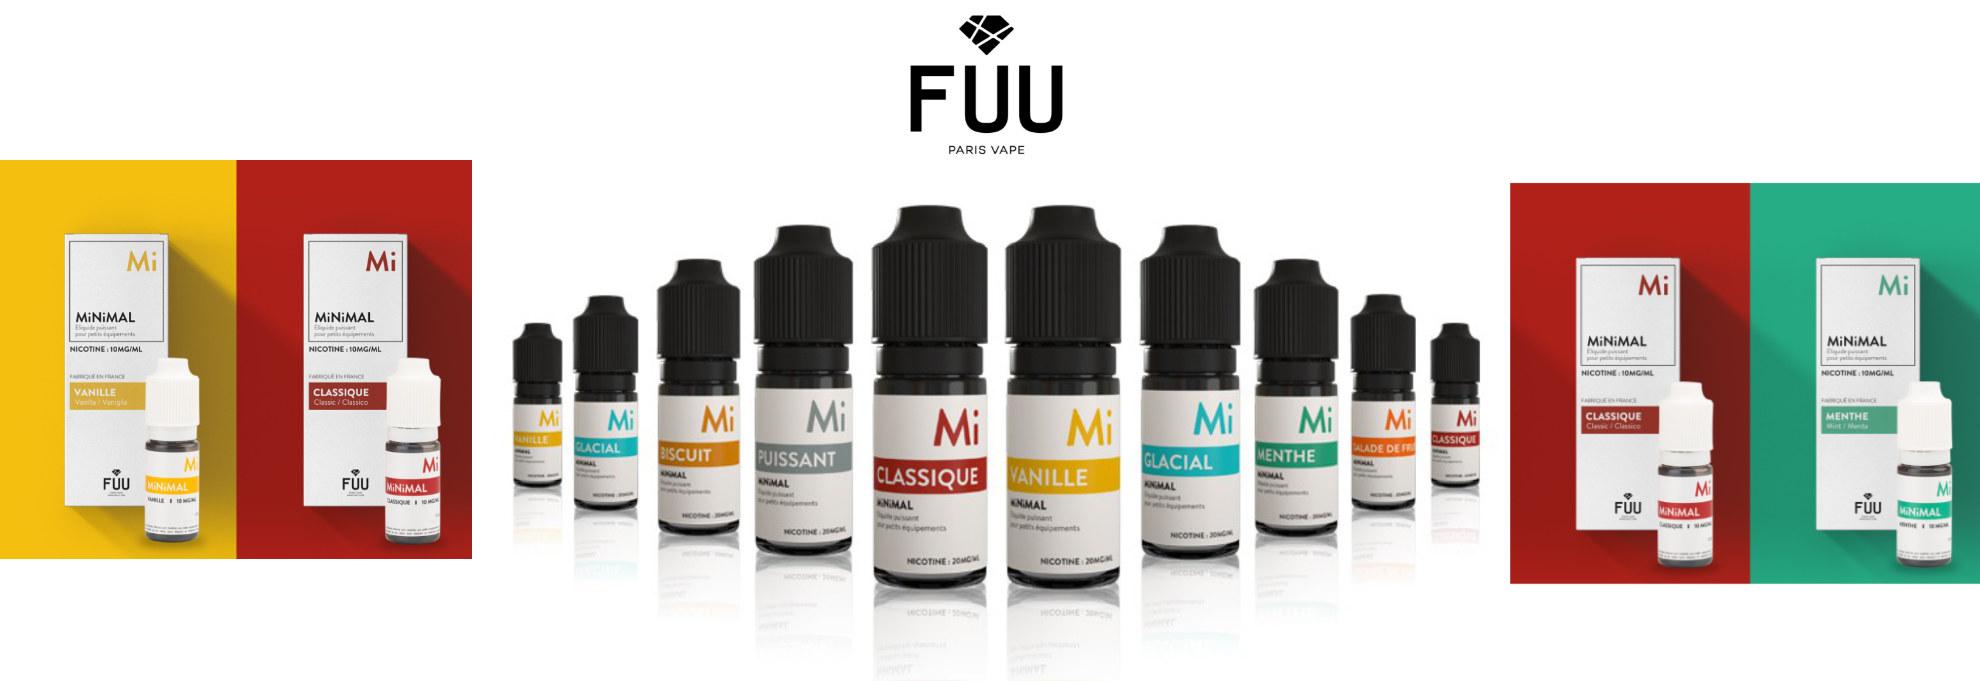 minimal-fuu-salt-eliquid.jpg